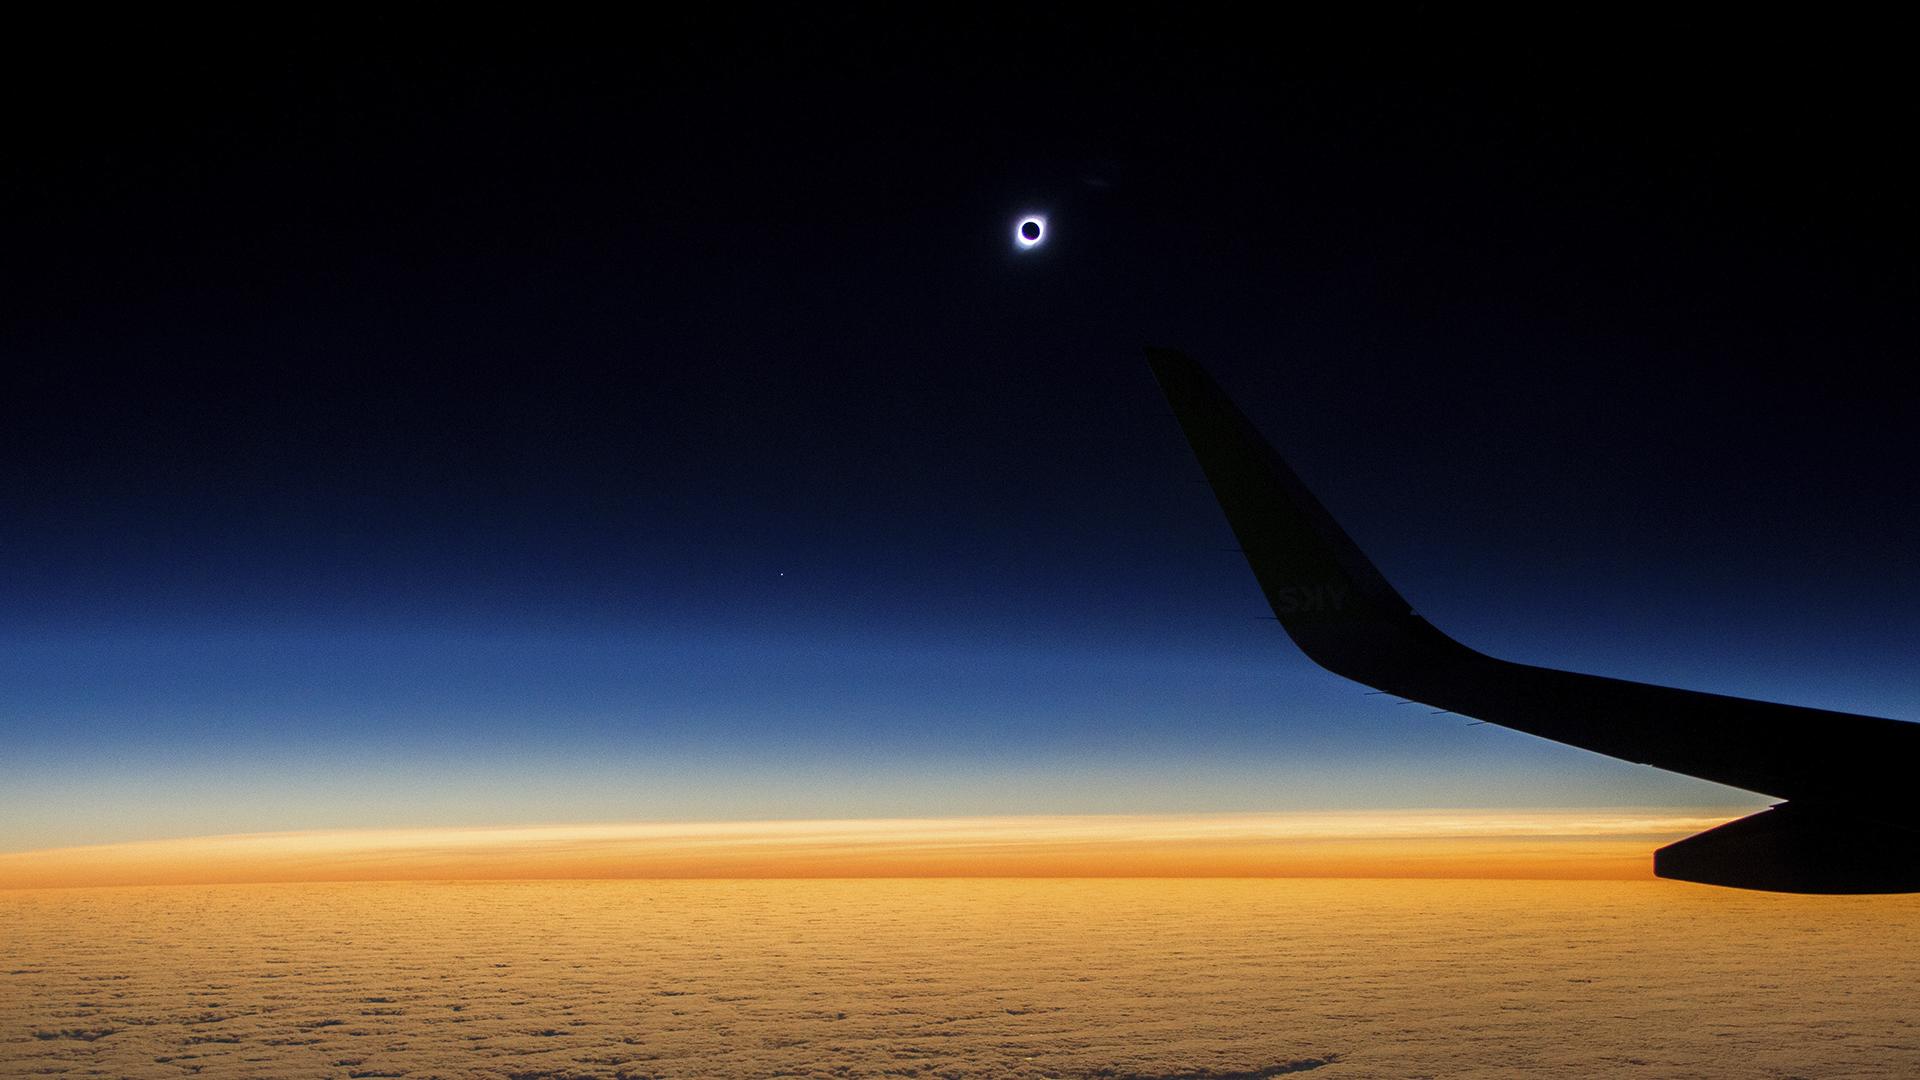 Una danza cósmica milenaria, un juego de luces por la alineación exacta de tres cuerpos en el espacio: la luna bloqueando la luz que el sol proyecta en la tierra. El eclipse total solar es el evento astronómico de 2019. Se pudo ver en una franja de 147 kilómetros que atravesó Chile y Argentina de oeste a este